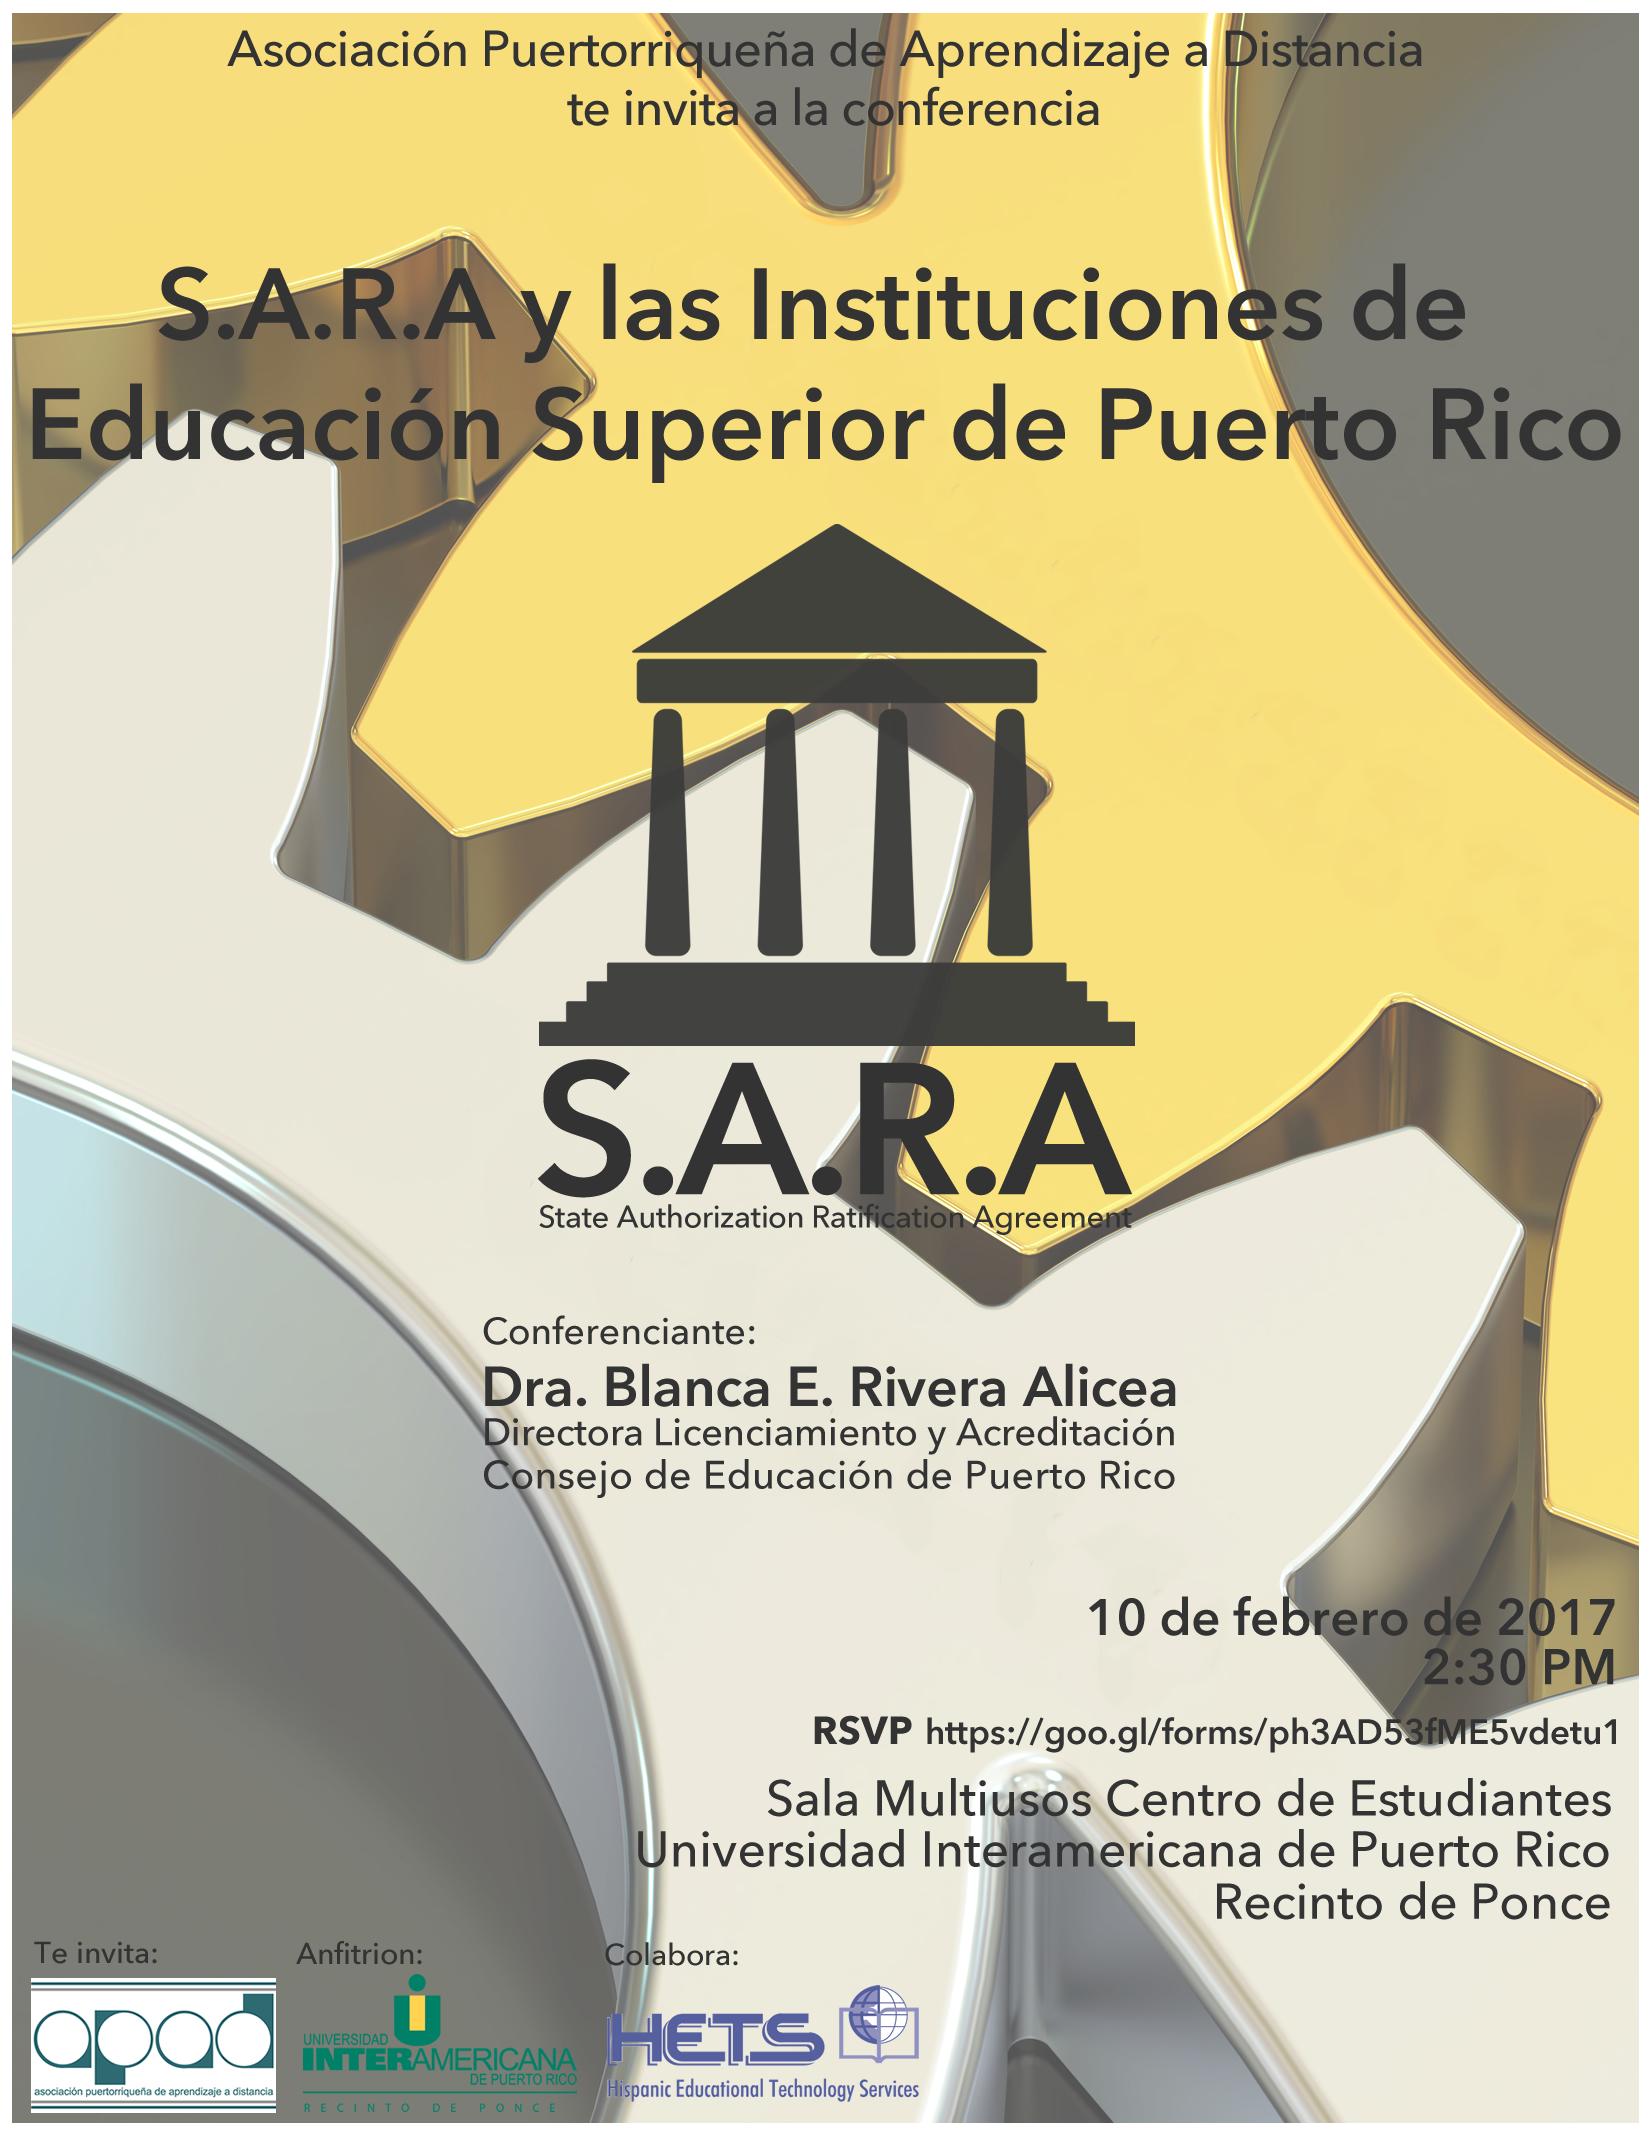 Conferencia: S.A.R.A y las Instituciones de Educación Superior en Puerto Rico